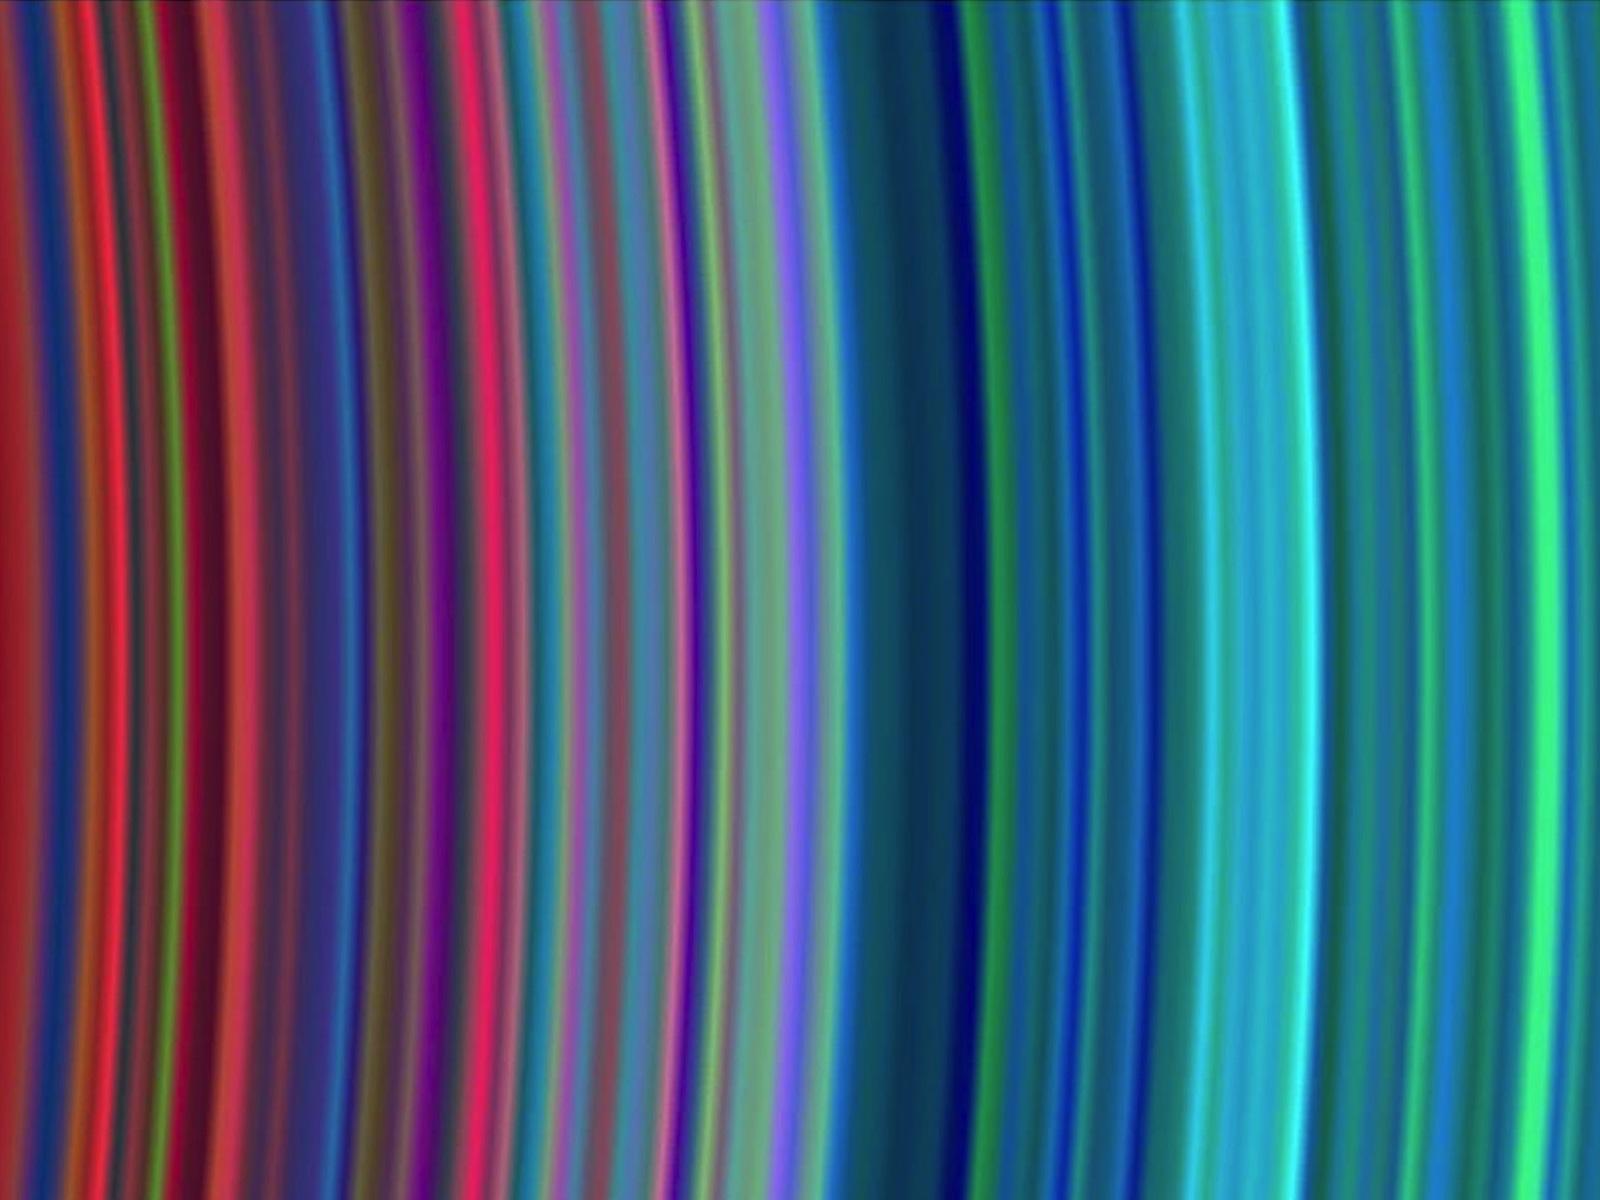 Saturn's Rainbow Rings